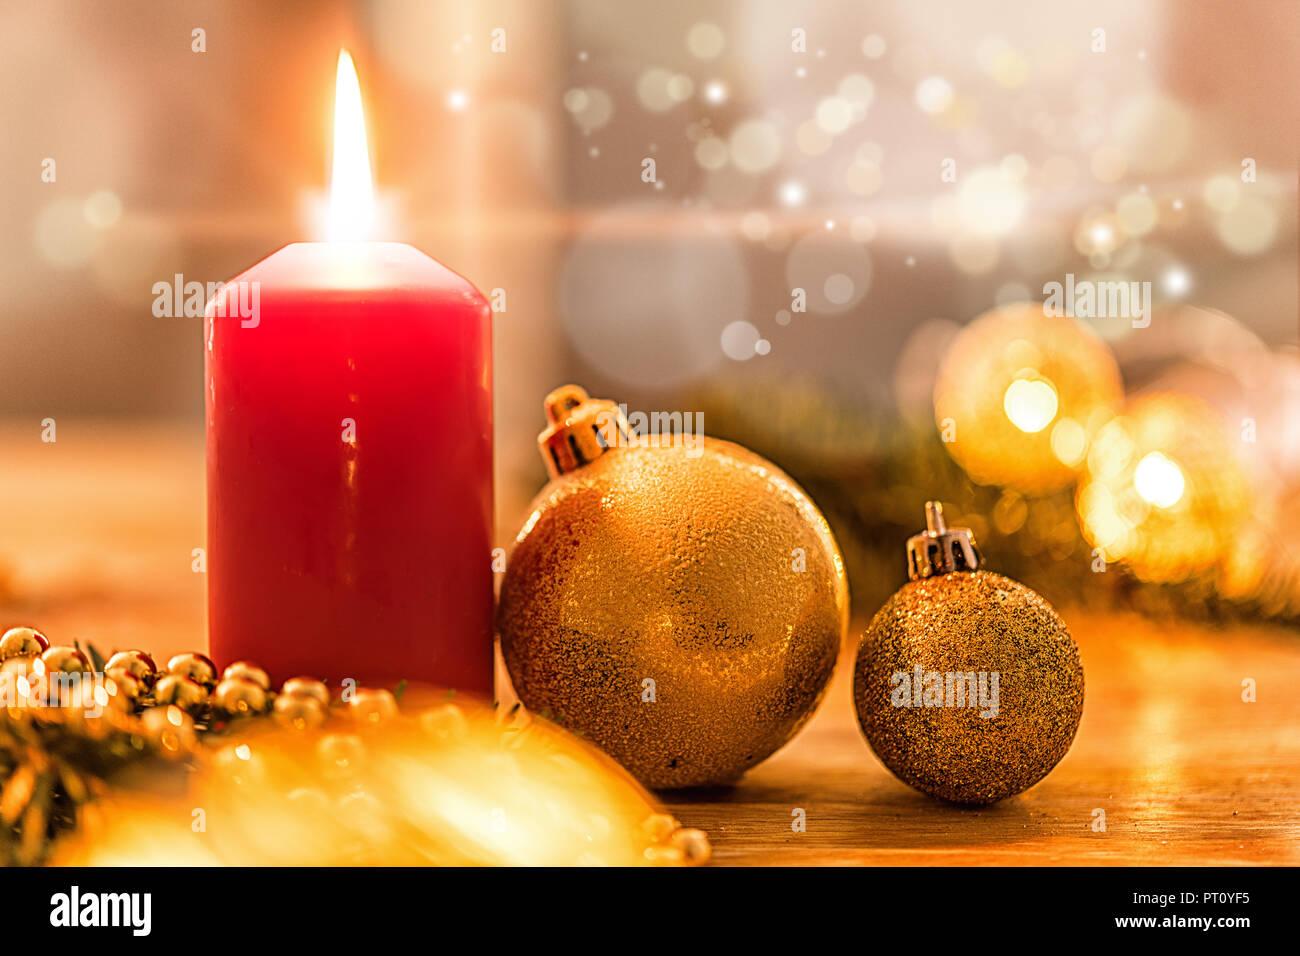 Goldene christbaumkugel mit Tannenzweig, Kerze,  Lichter und Deko Stock Photo